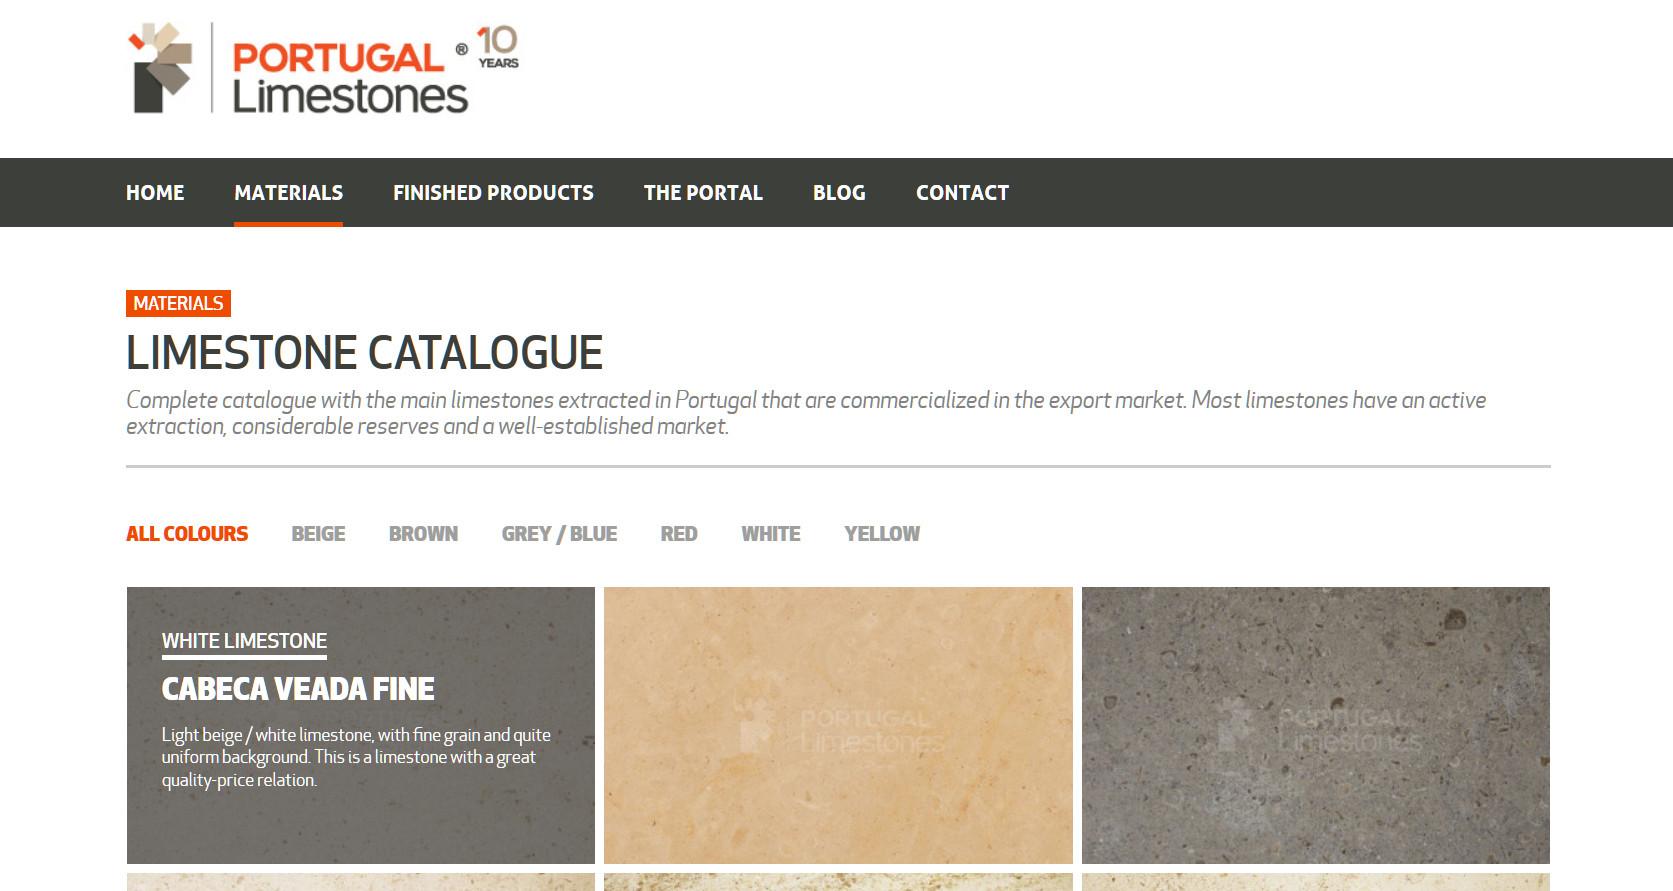 Portugalimestones.com - Materials